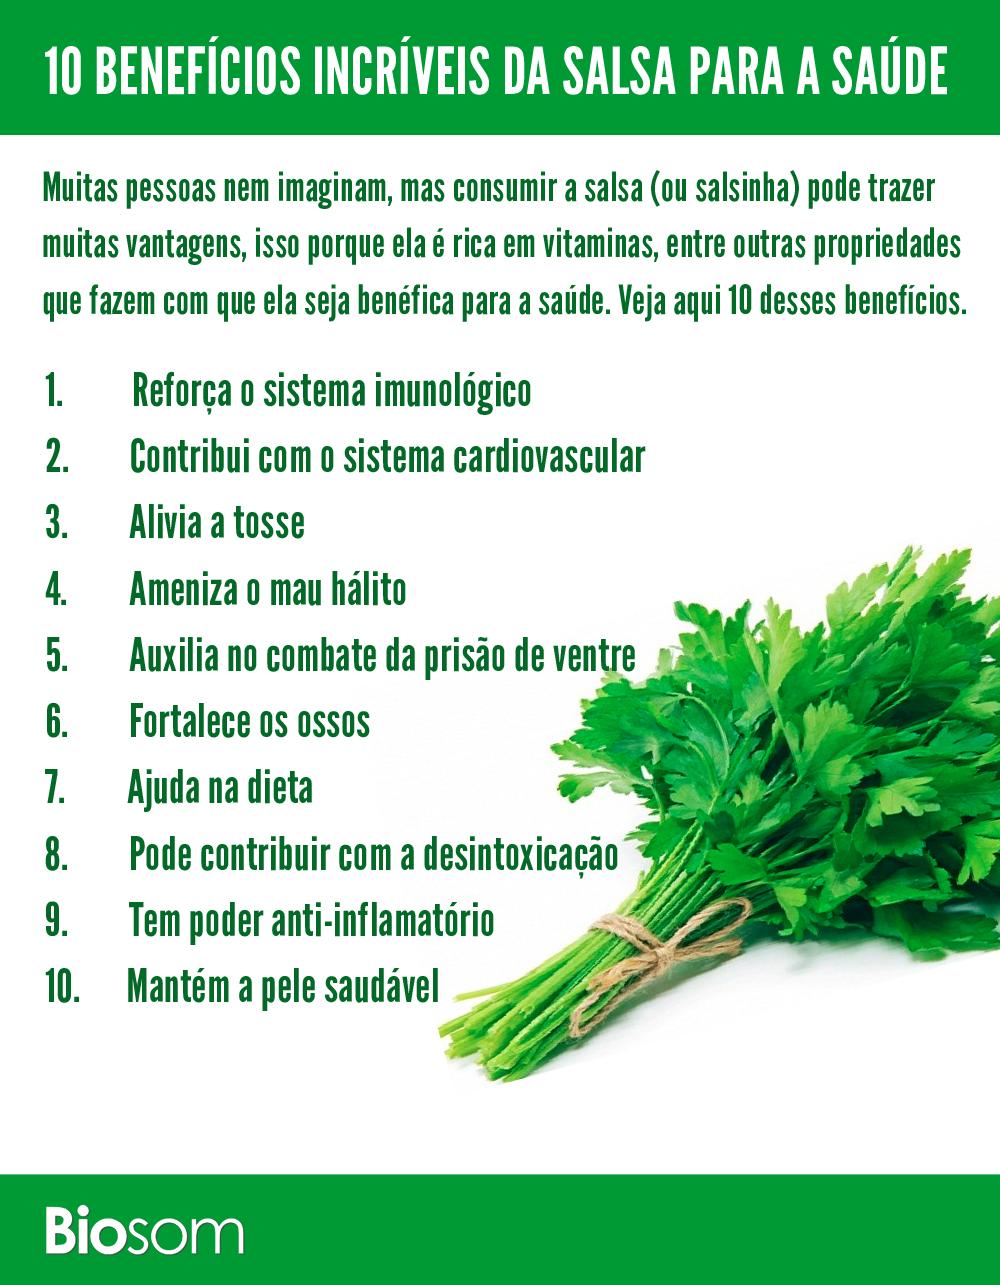 351c072a47 Clique na imagem e veja detalhadamente os 10 Benefícios Incríveis da Salsa  para a Saúde #salsa #alimento #alimentação #alimentaçãosaudavel #saúde  #bemestar